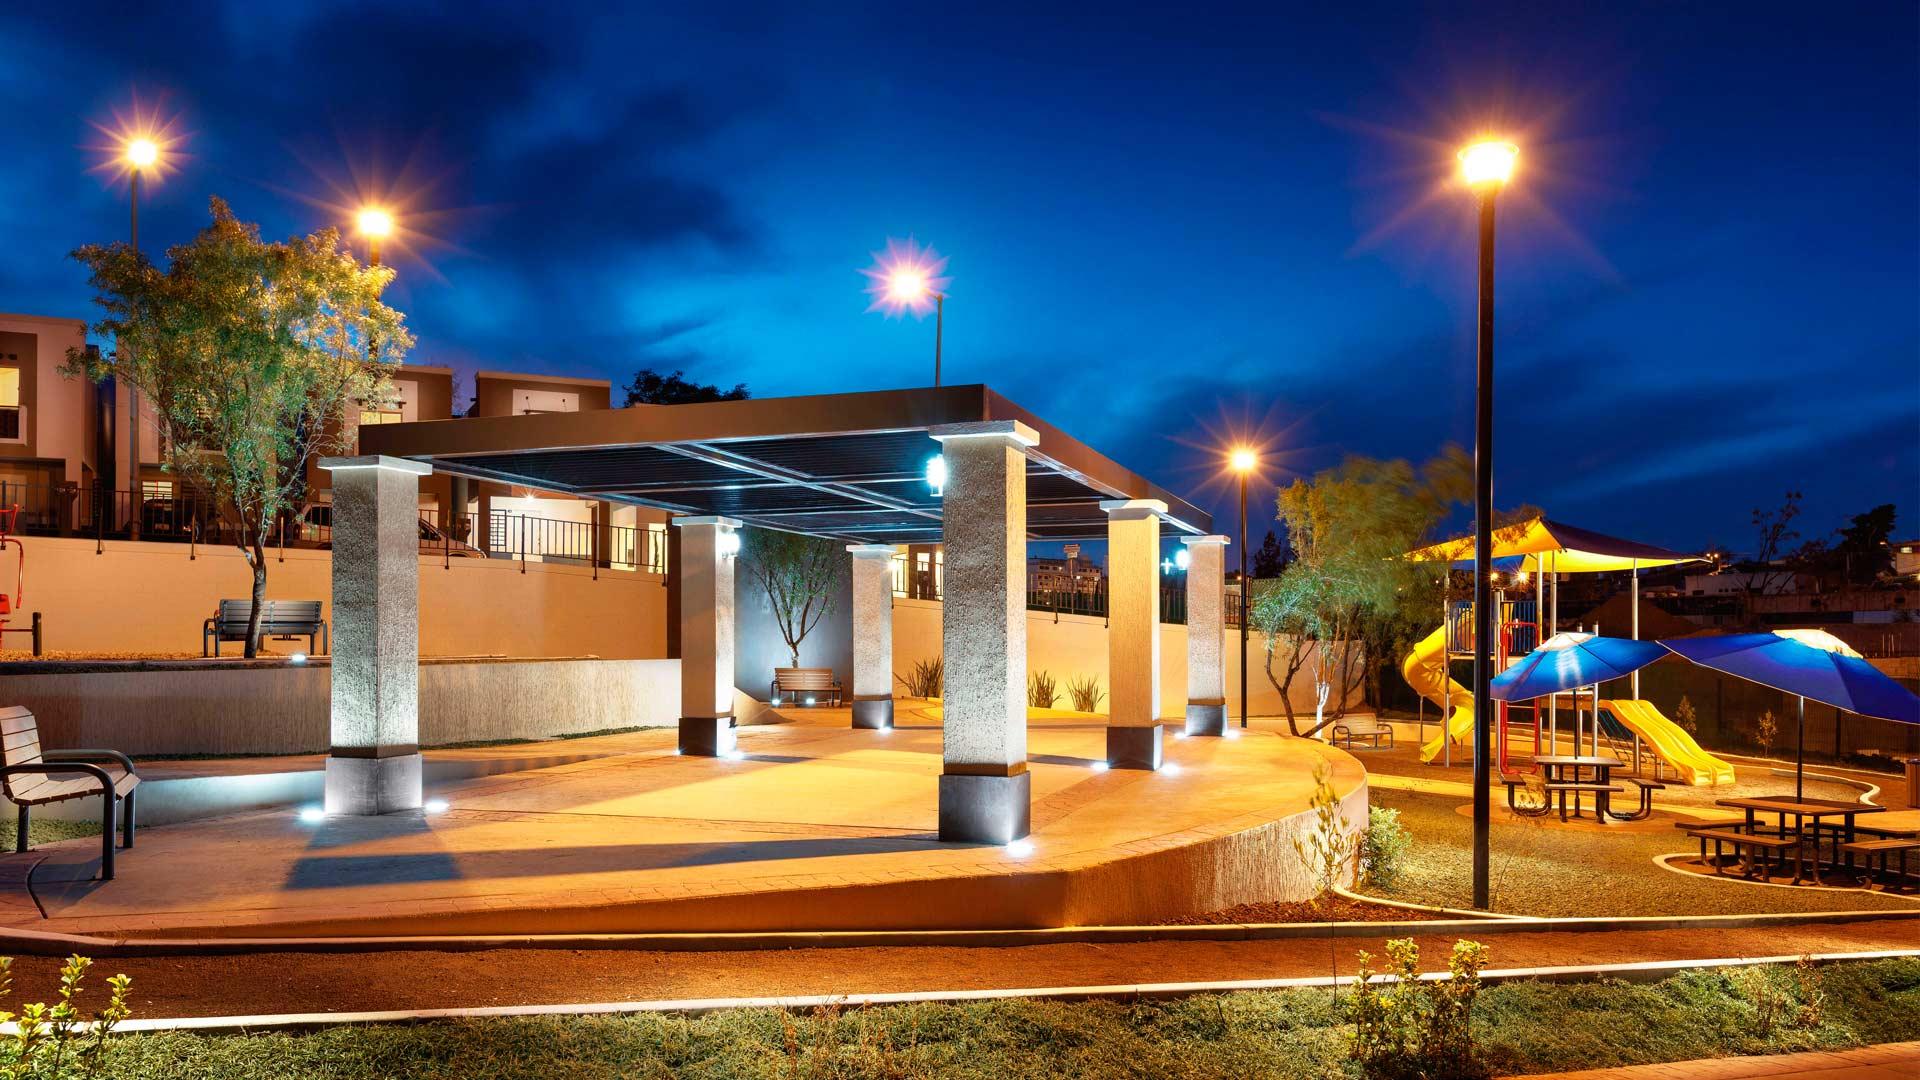 Lisboa-Residencial-area-reunion-de-noche-1.jpg